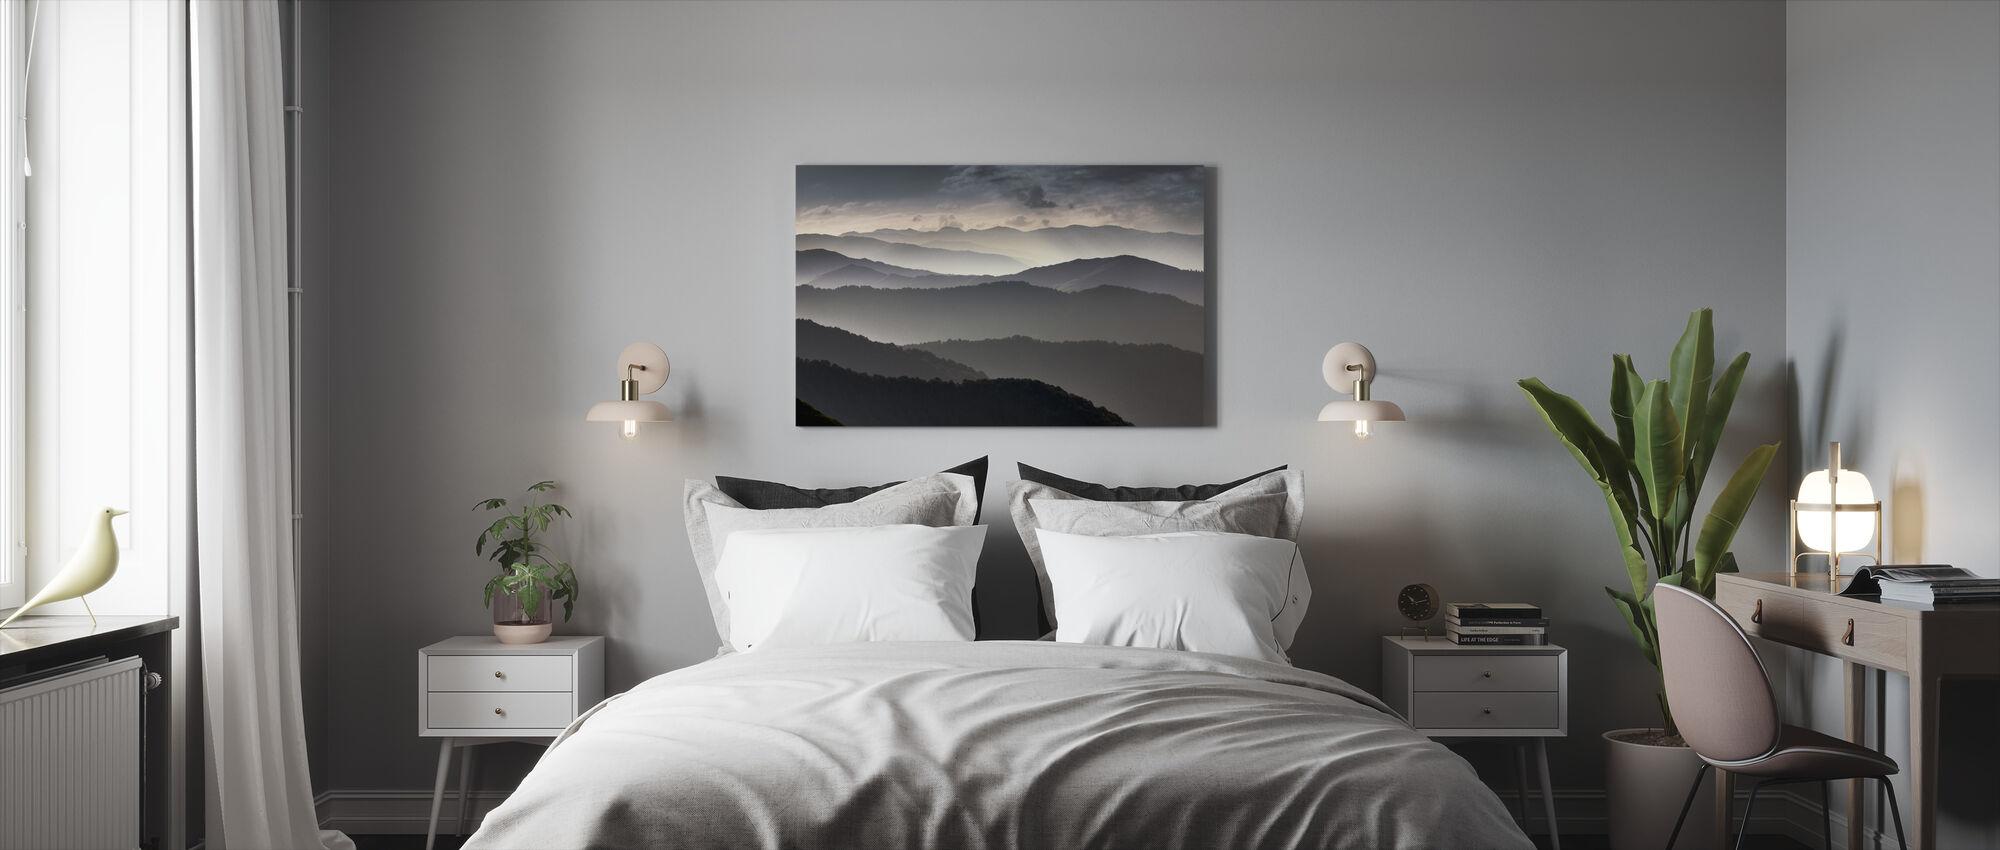 Berge in der Abenddämmerung - Leinwandbild - Schlafzimmer